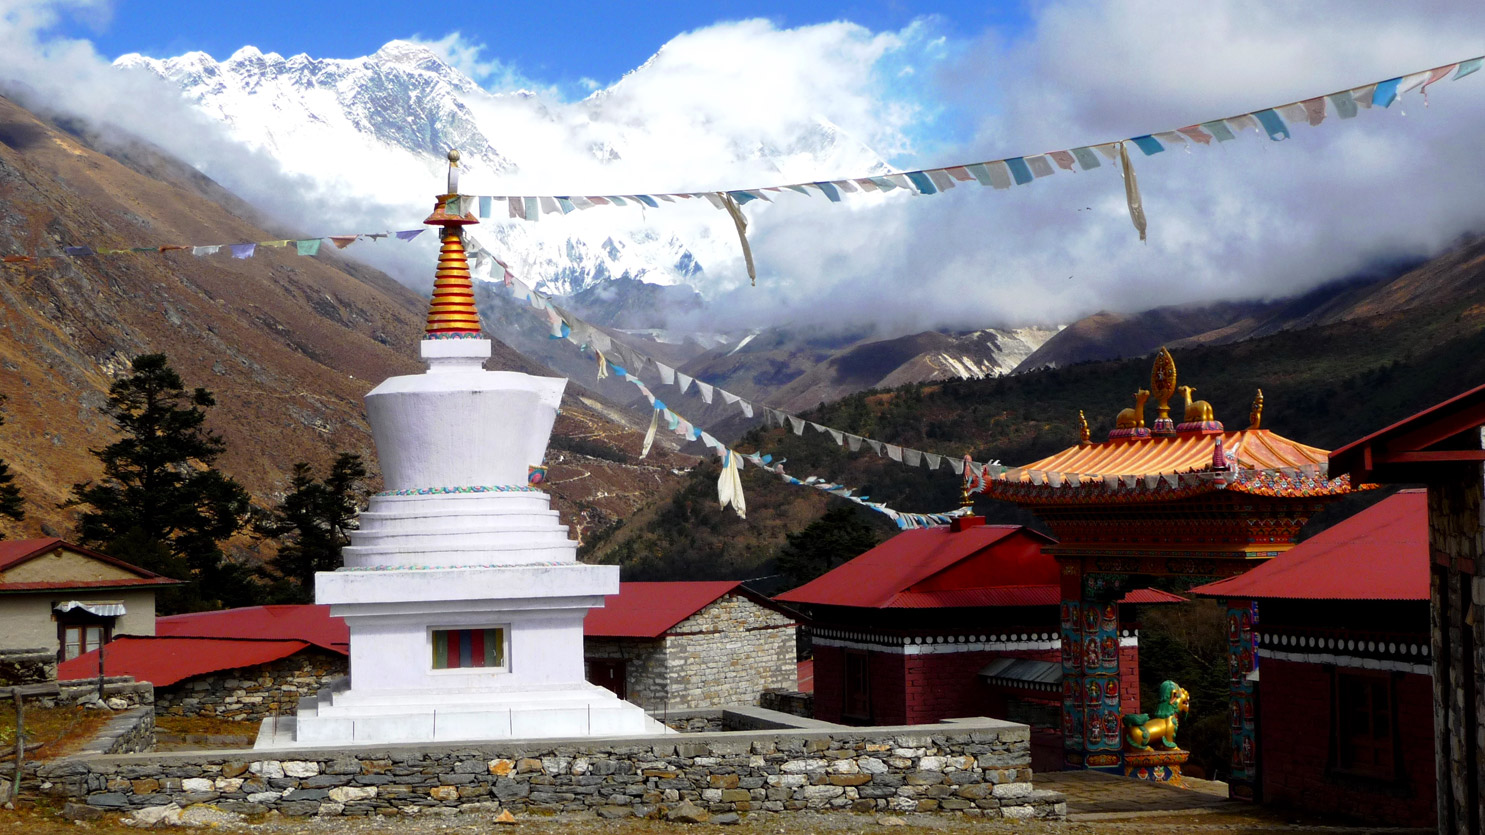 Monastère de Tengboche et l'Everest en toile de fond